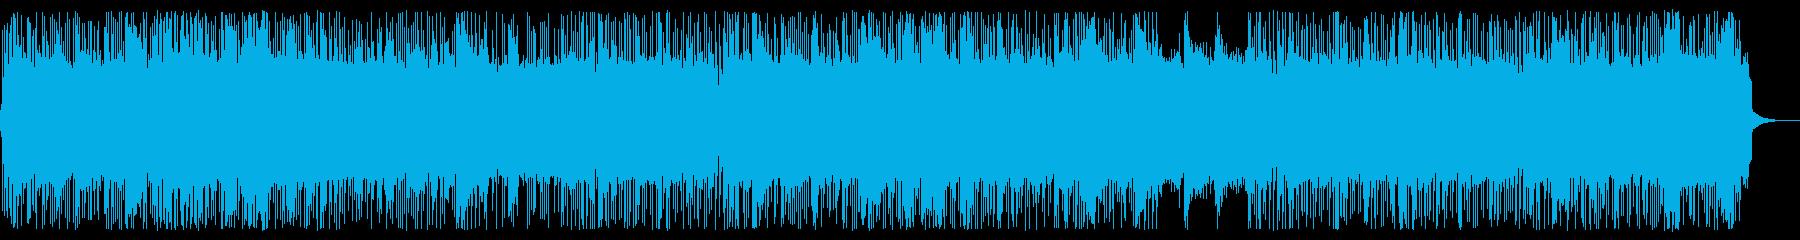 疾走感溢れるリフがエモいLAメタルメロ無の再生済みの波形